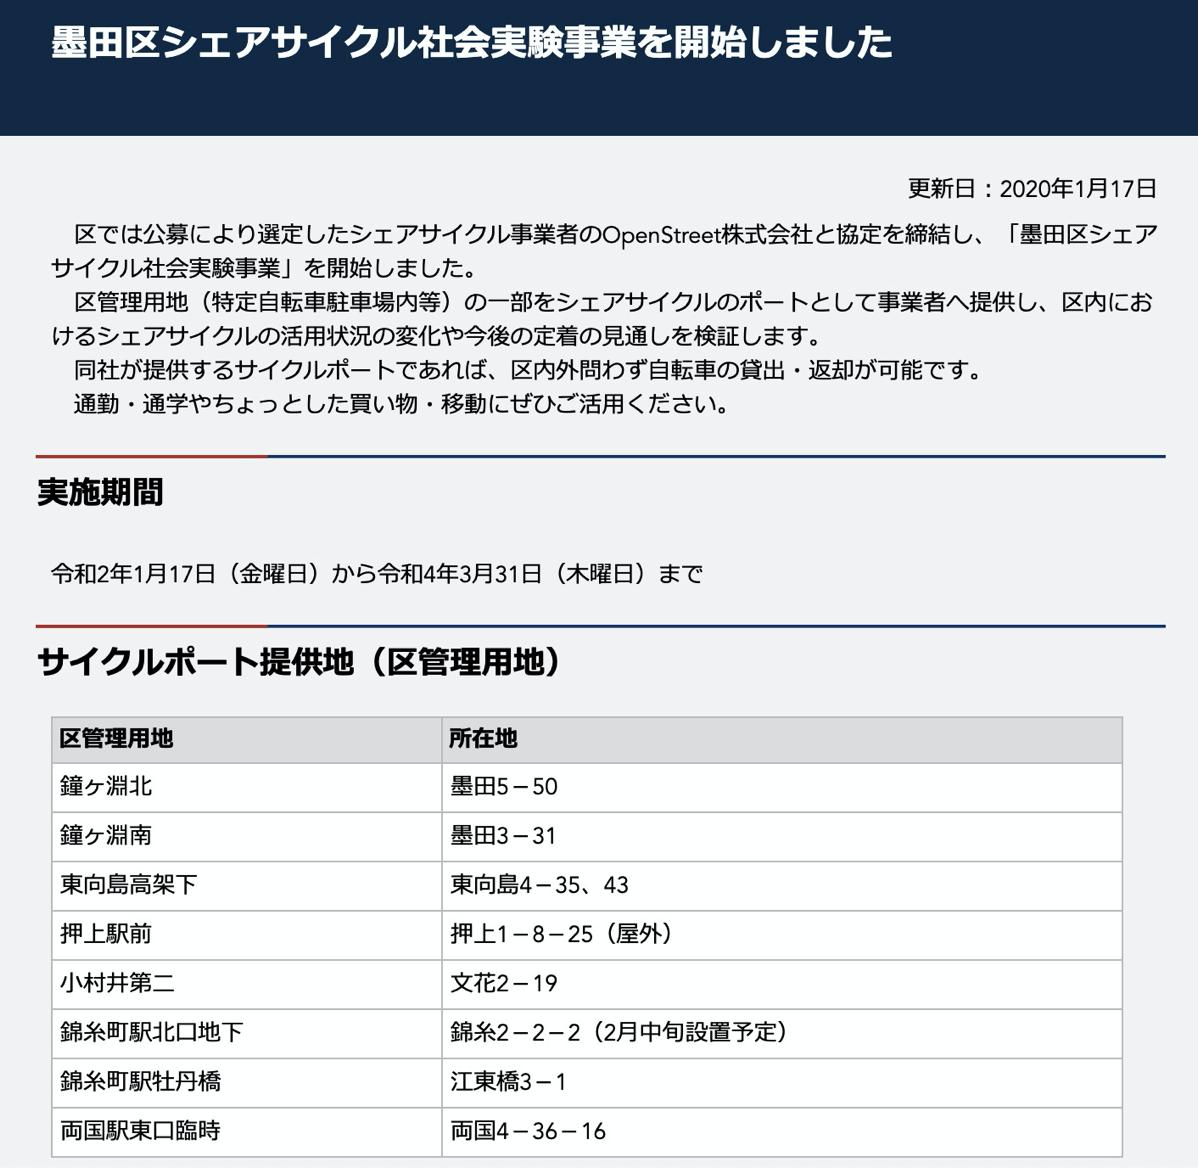 墨田区シェアサイクル社会実験事業を開始しました 墨田区公式ウェブサイト